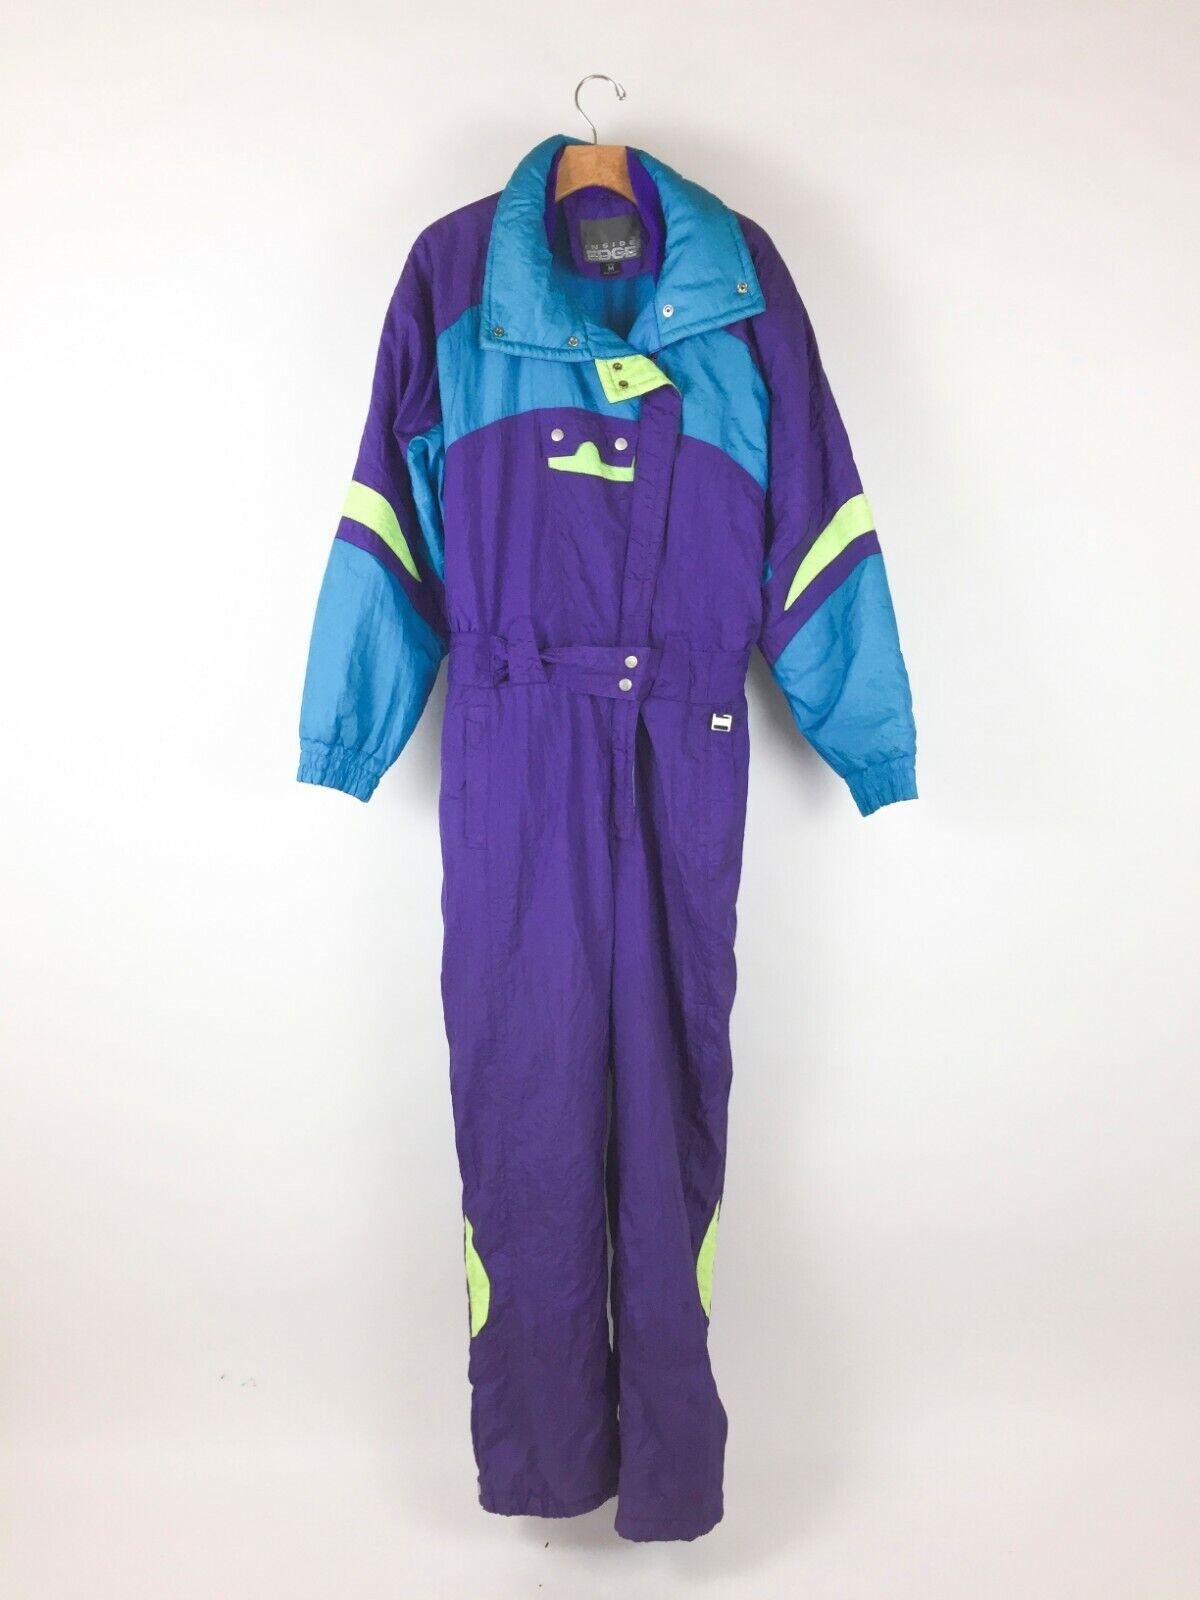 Vintage 1980s Inside Edge Womens Ski Suit Sz M Neon Turquoise Purple One Piece